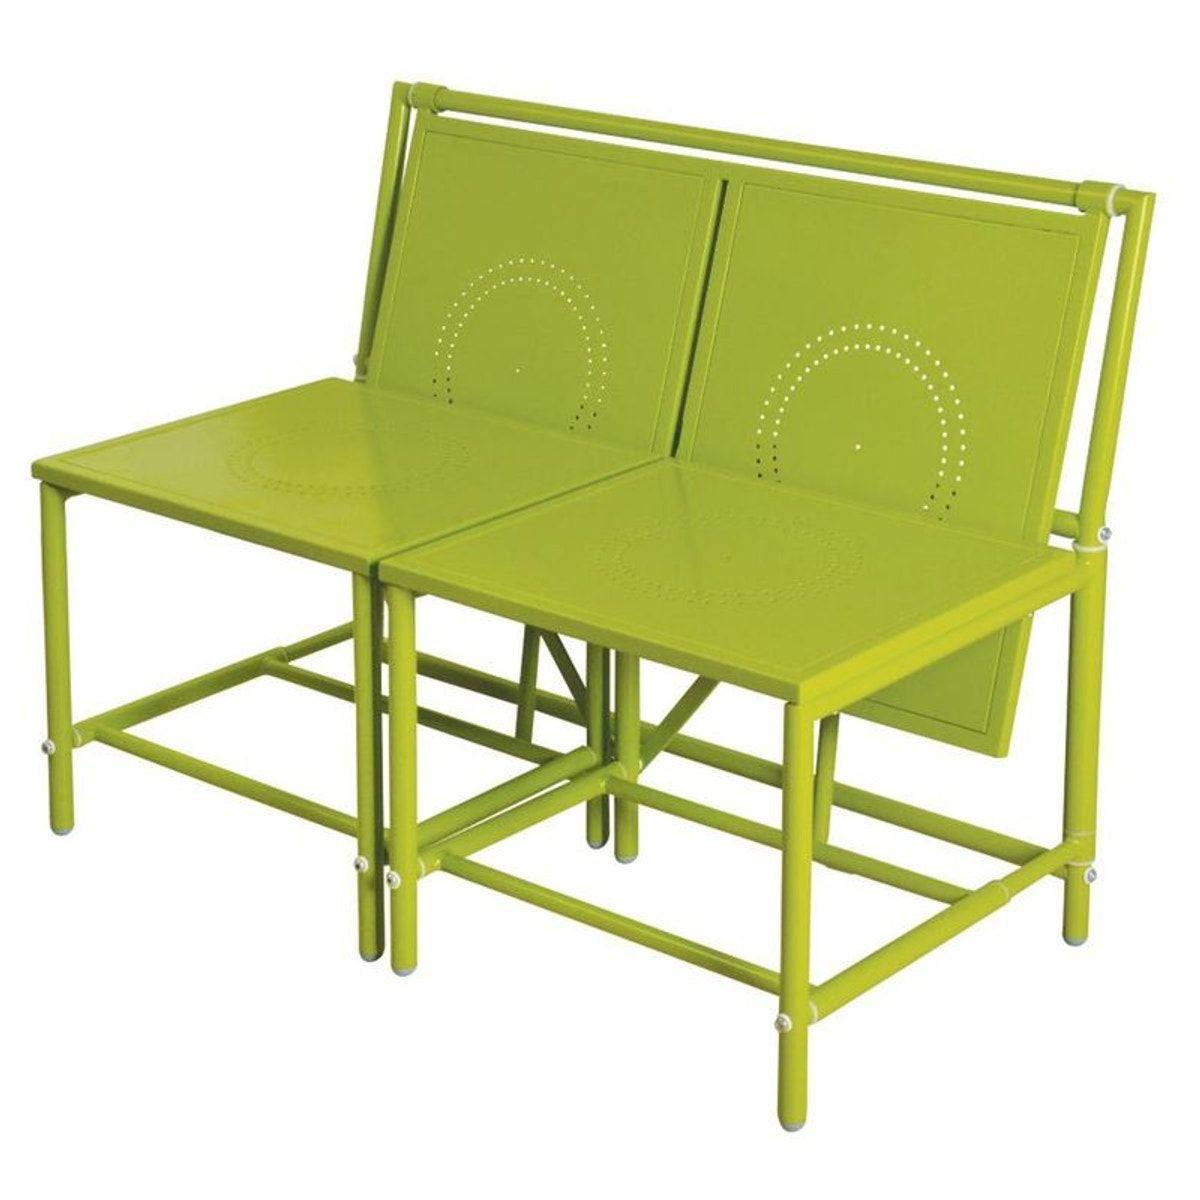 Banc De Jardin Convertible Table + Tabourets En Métal ... serapportantà Banc En Metal Pour Jardin